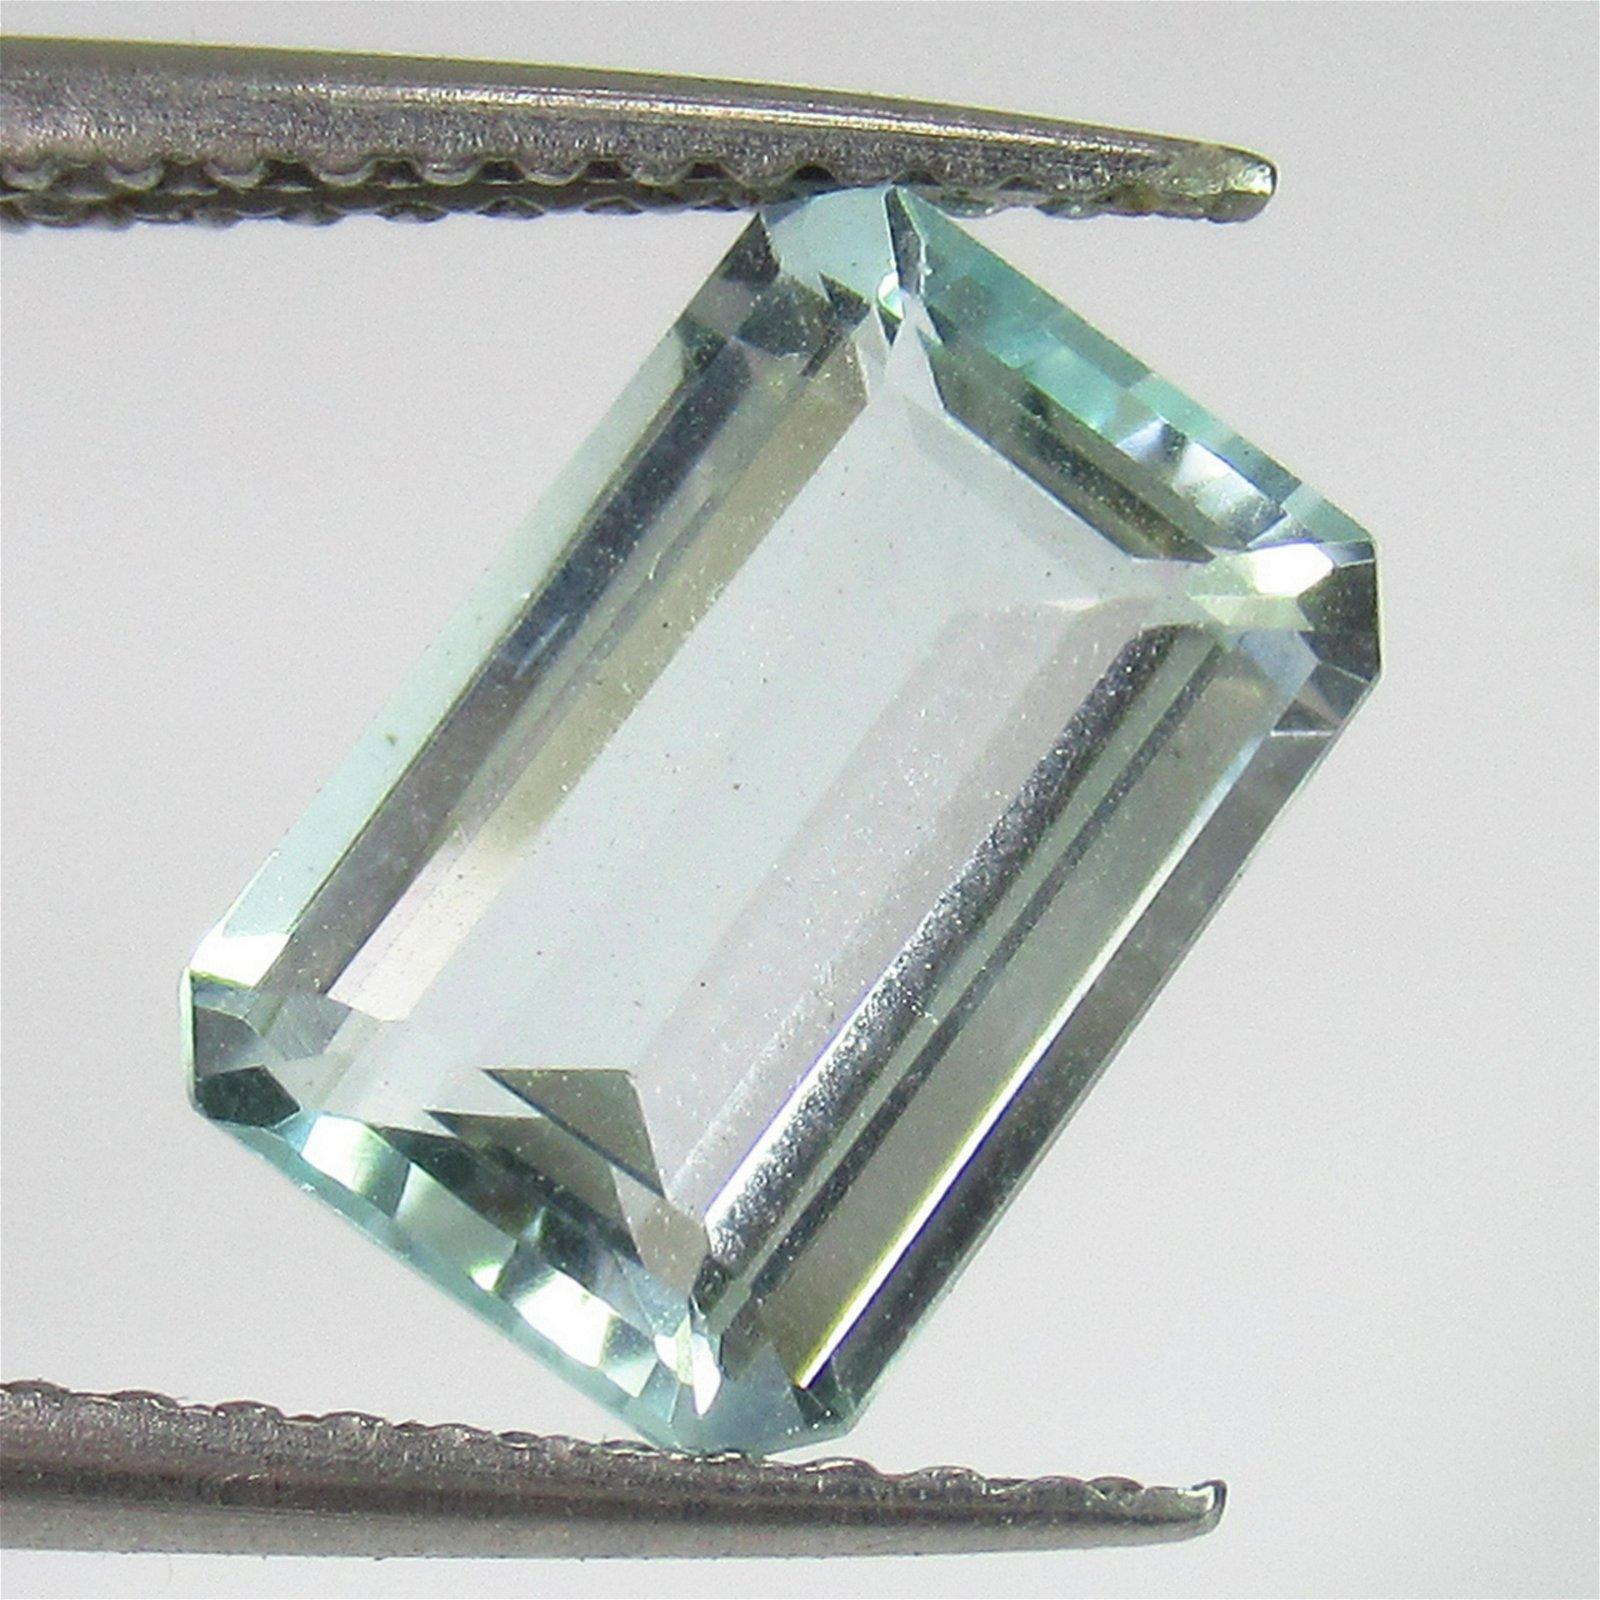 1.78 Ctw Natural Aquamarine 9.5X6.5 mm Emerald Cut